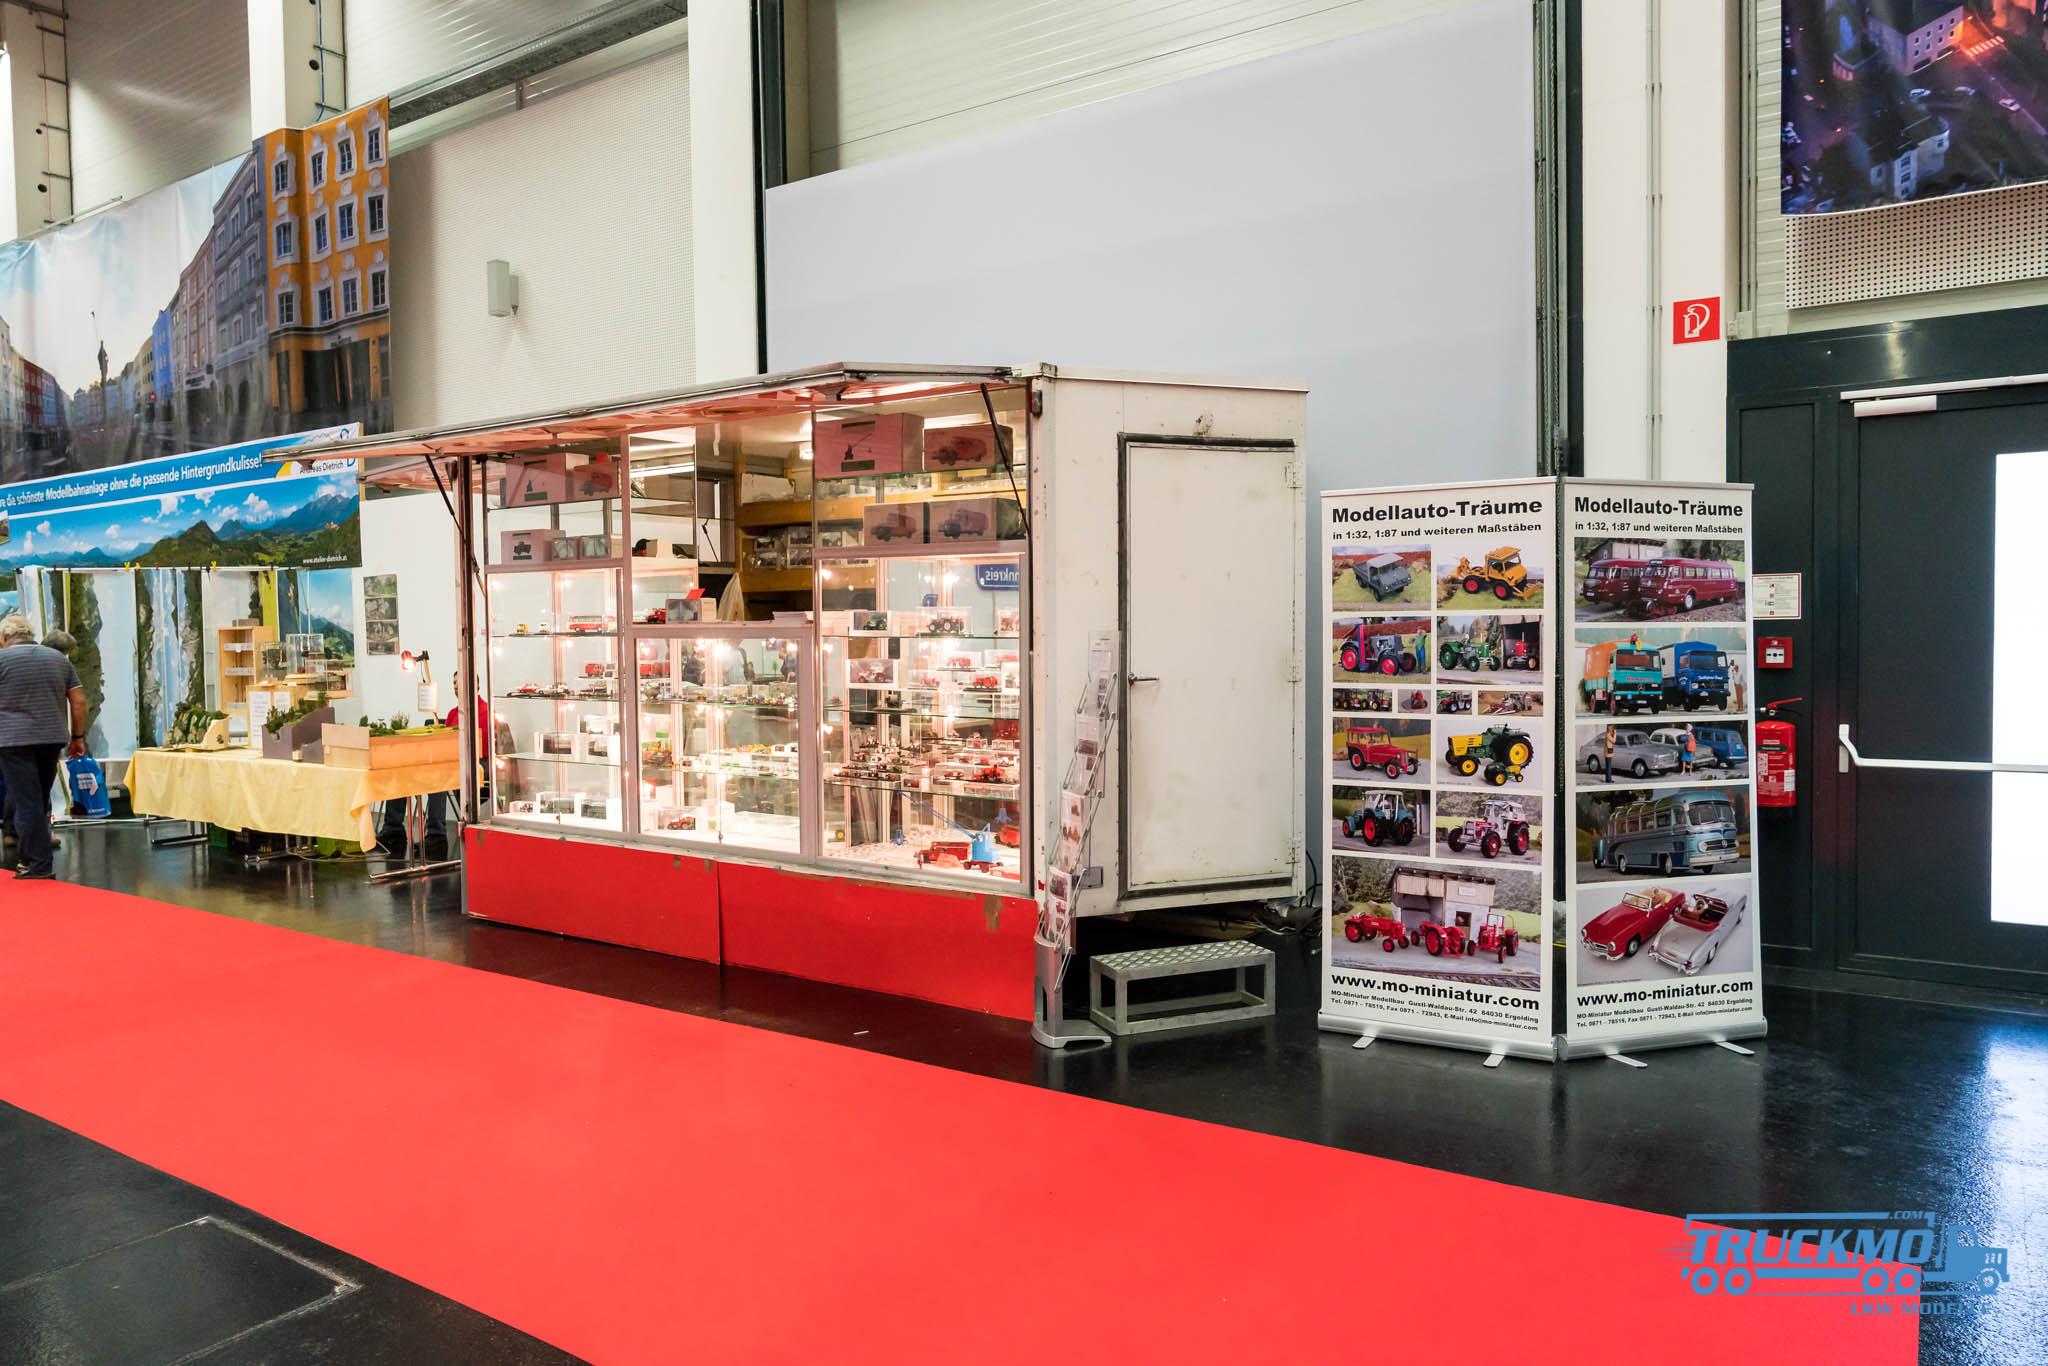 Truckmo_Modellbau_Ried_2017_Herpa_Messe_Modellbauausstellung (100 von 1177)